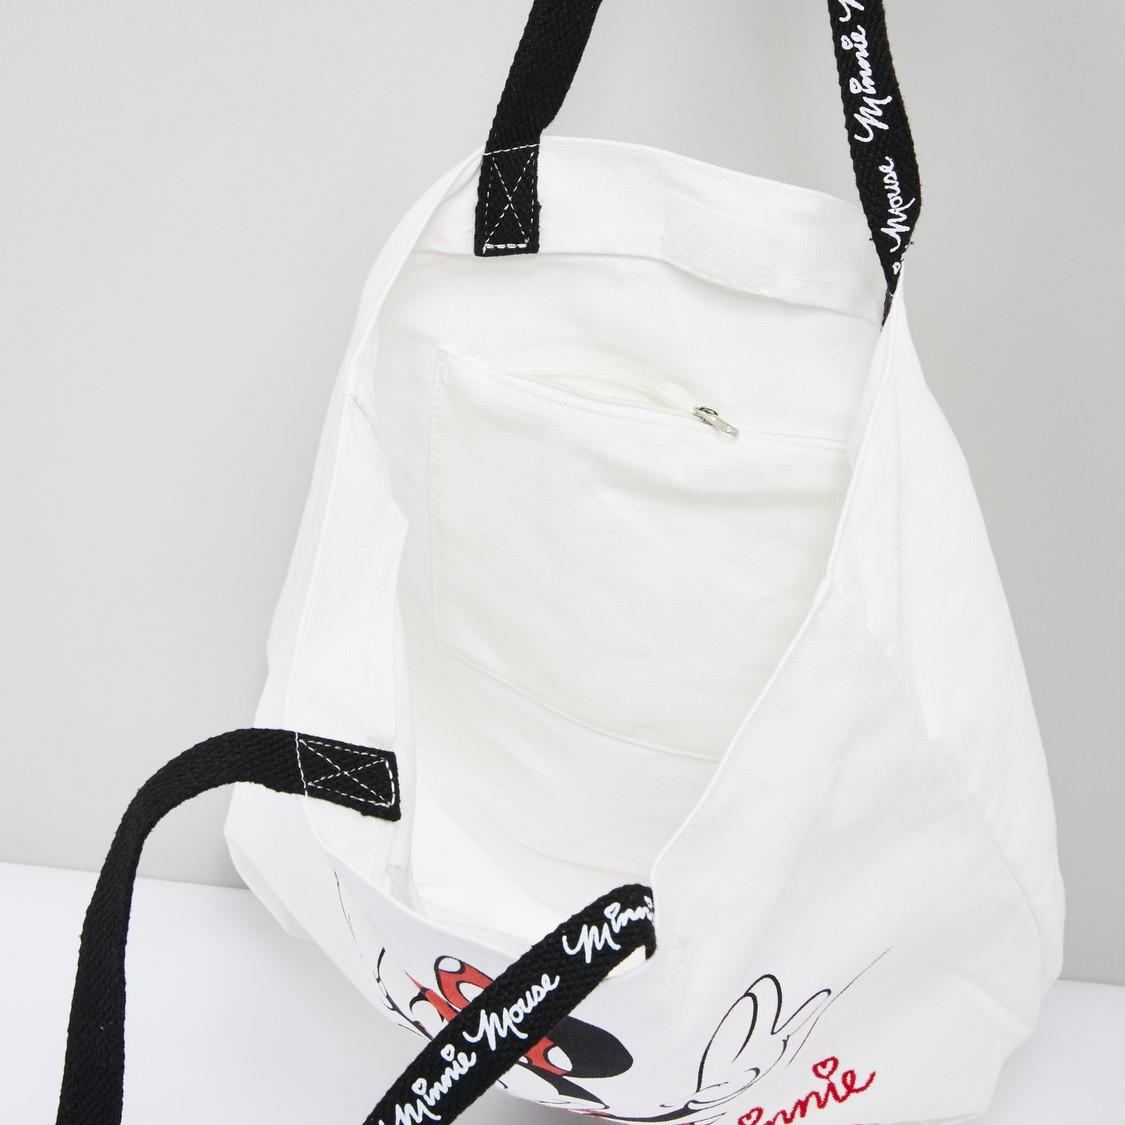 حقيبة يد بمقابض مزدوجة وطبعات ميني ماوس